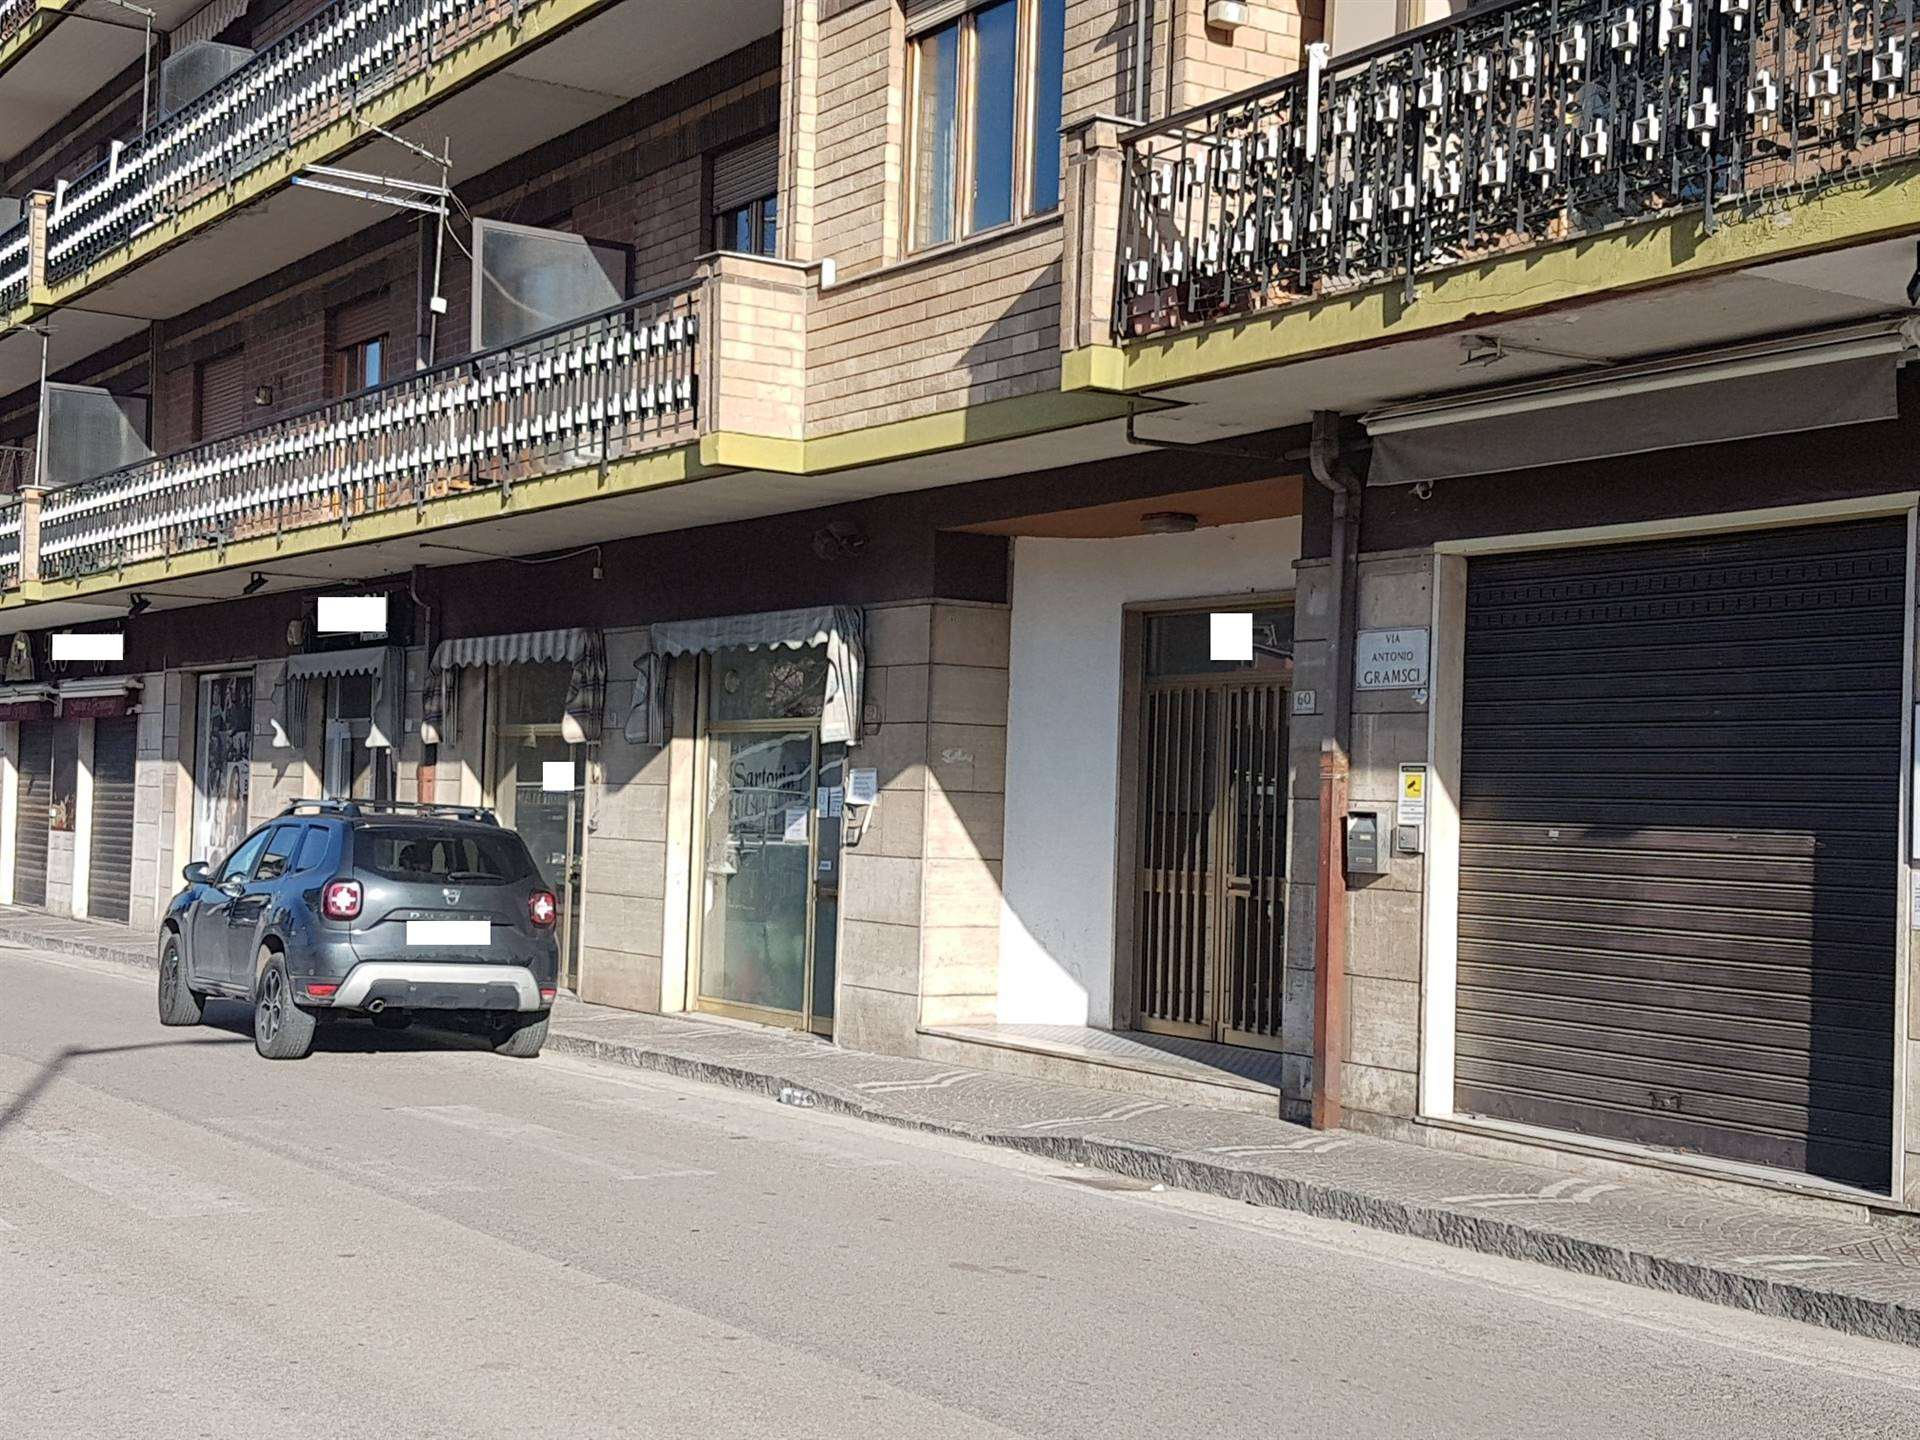 Negozio / Locale in affitto a Atripalda, 1 locali, prezzo € 500 | CambioCasa.it